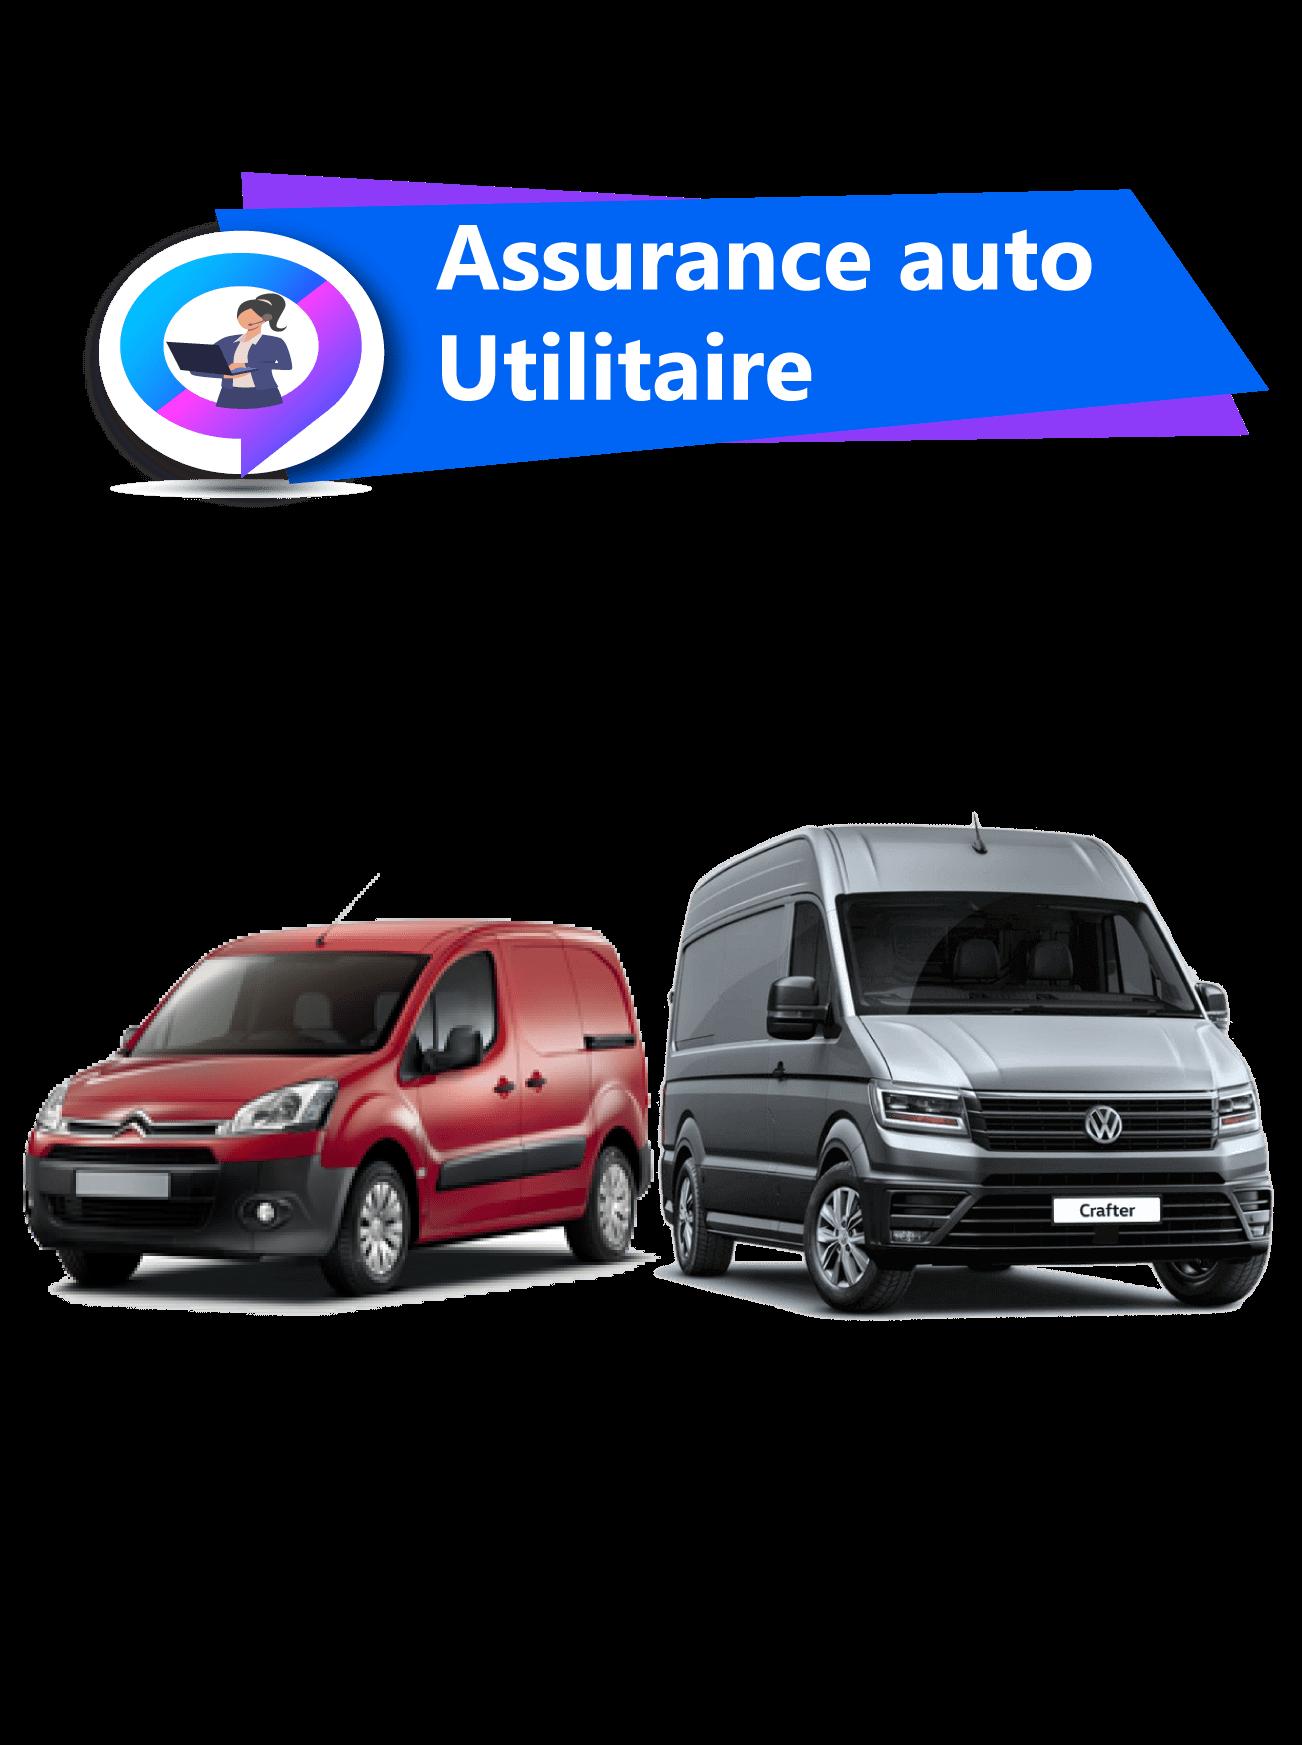 Assurance auto utilitaire